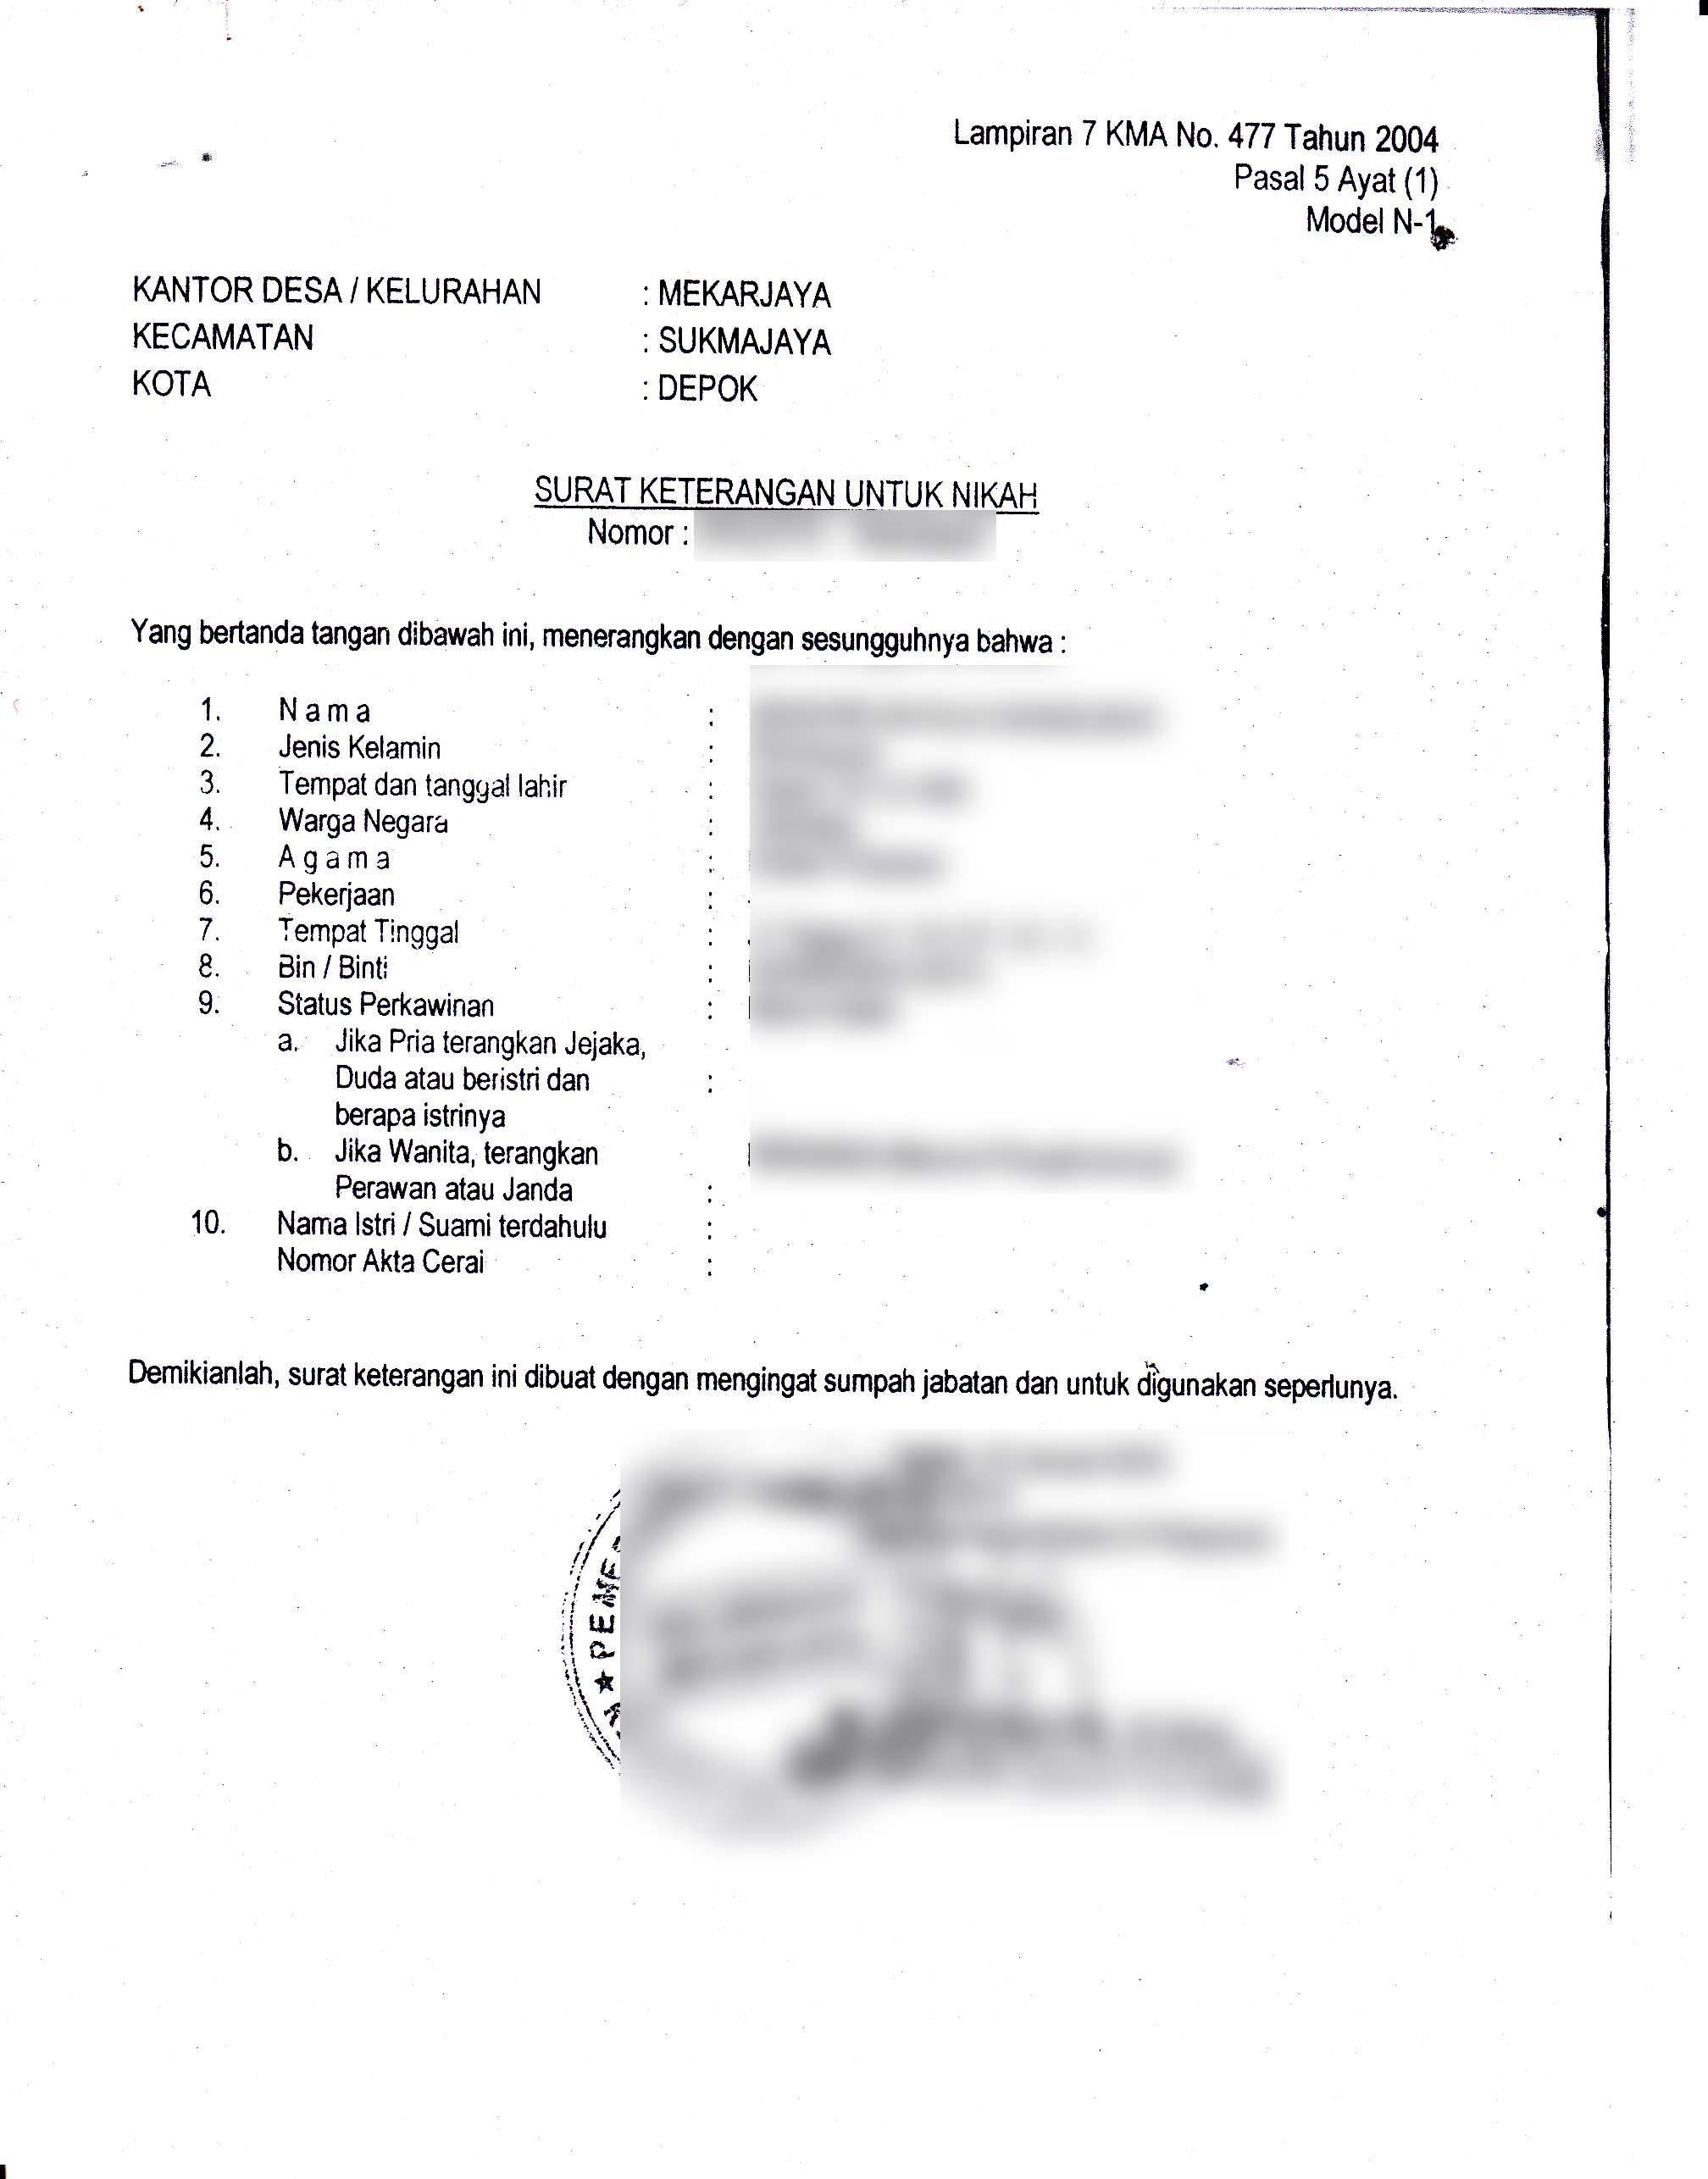 Surat Keterangan Nikah N1 N2 N4